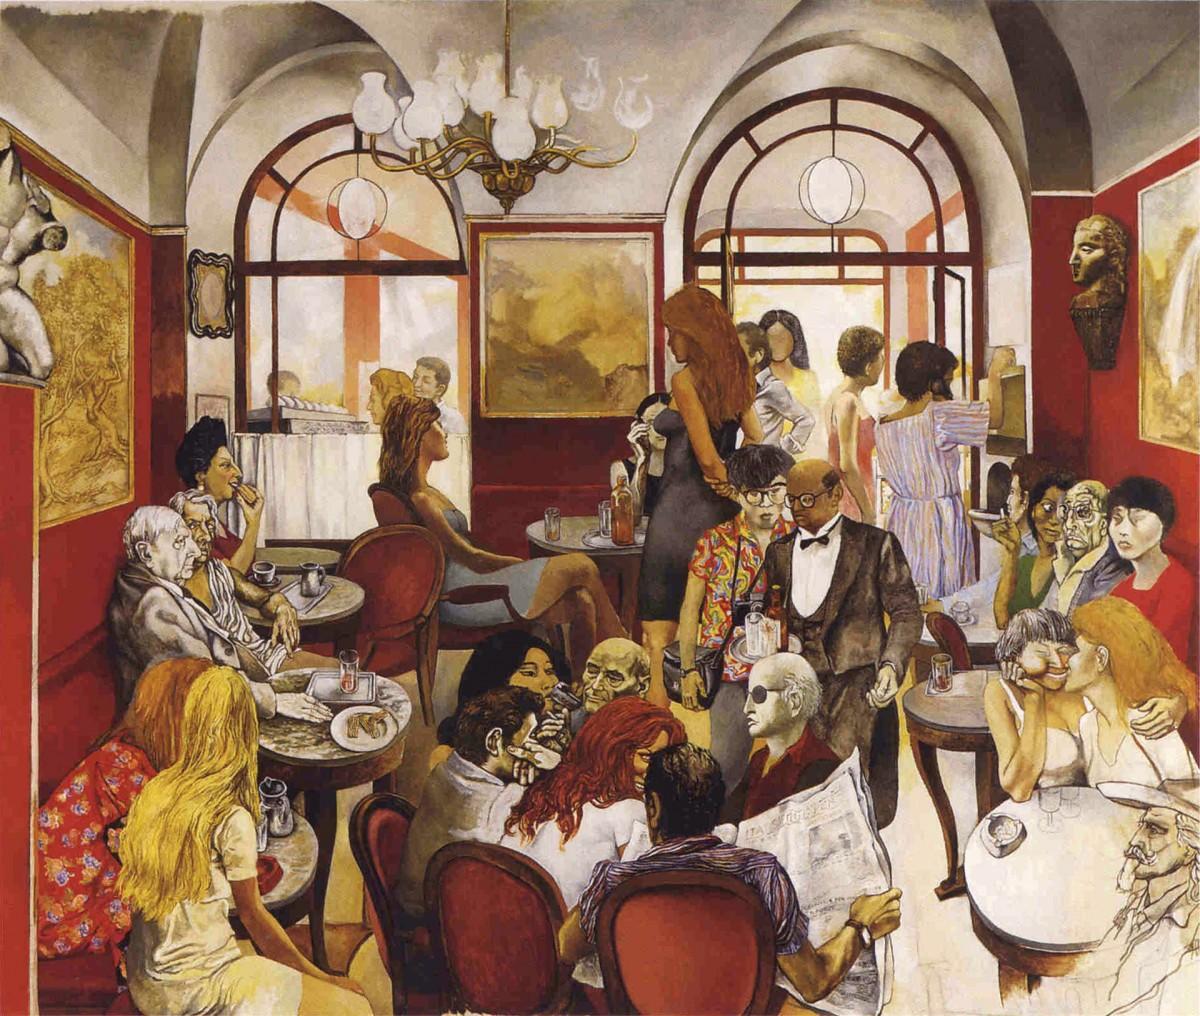 Guttuso, Renato: Caffè Greco (1976)